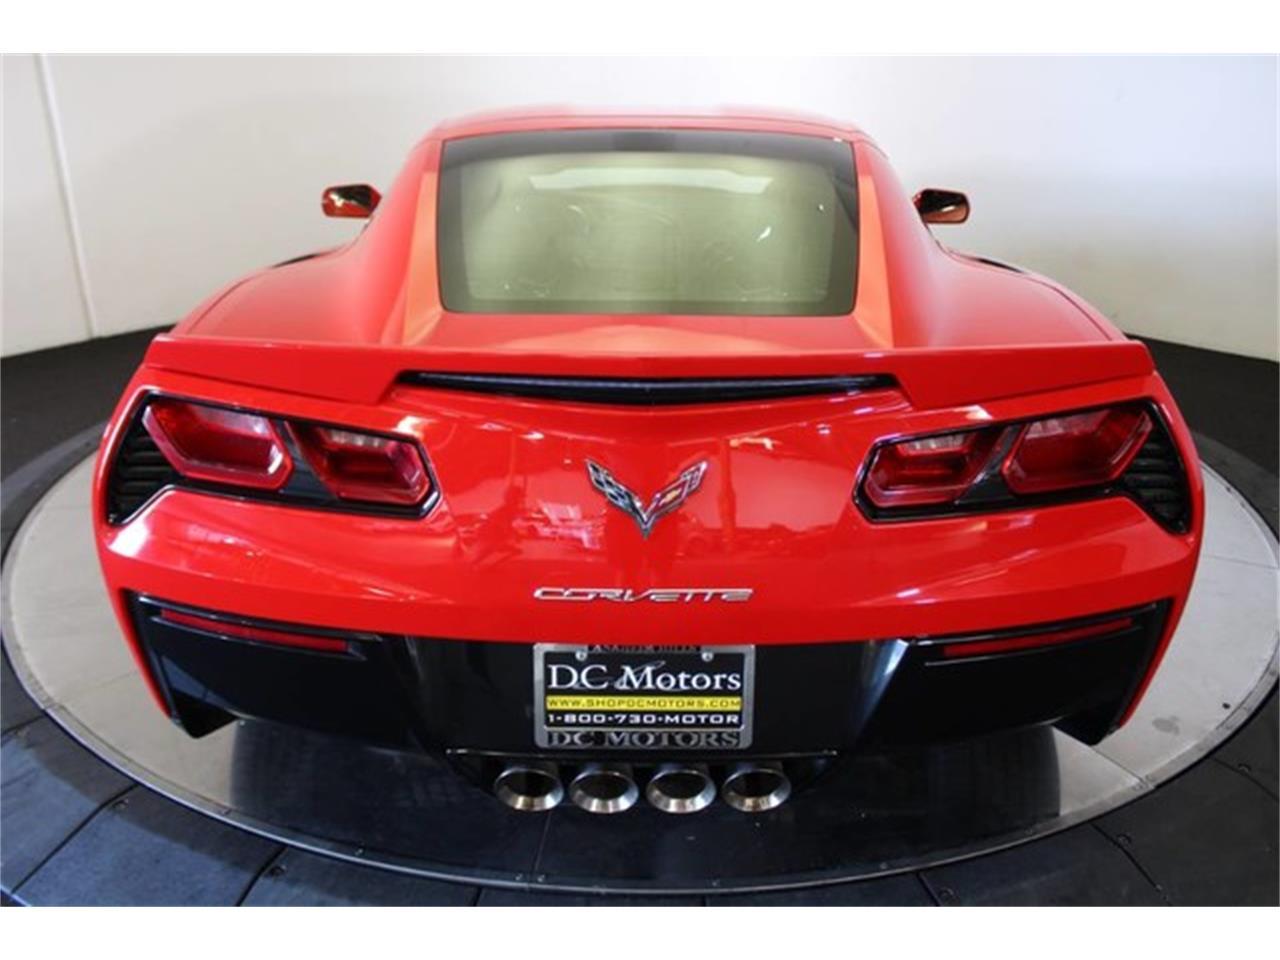 2018 Chevrolet Corvette (CC-1247373) for sale in Anaheim, California